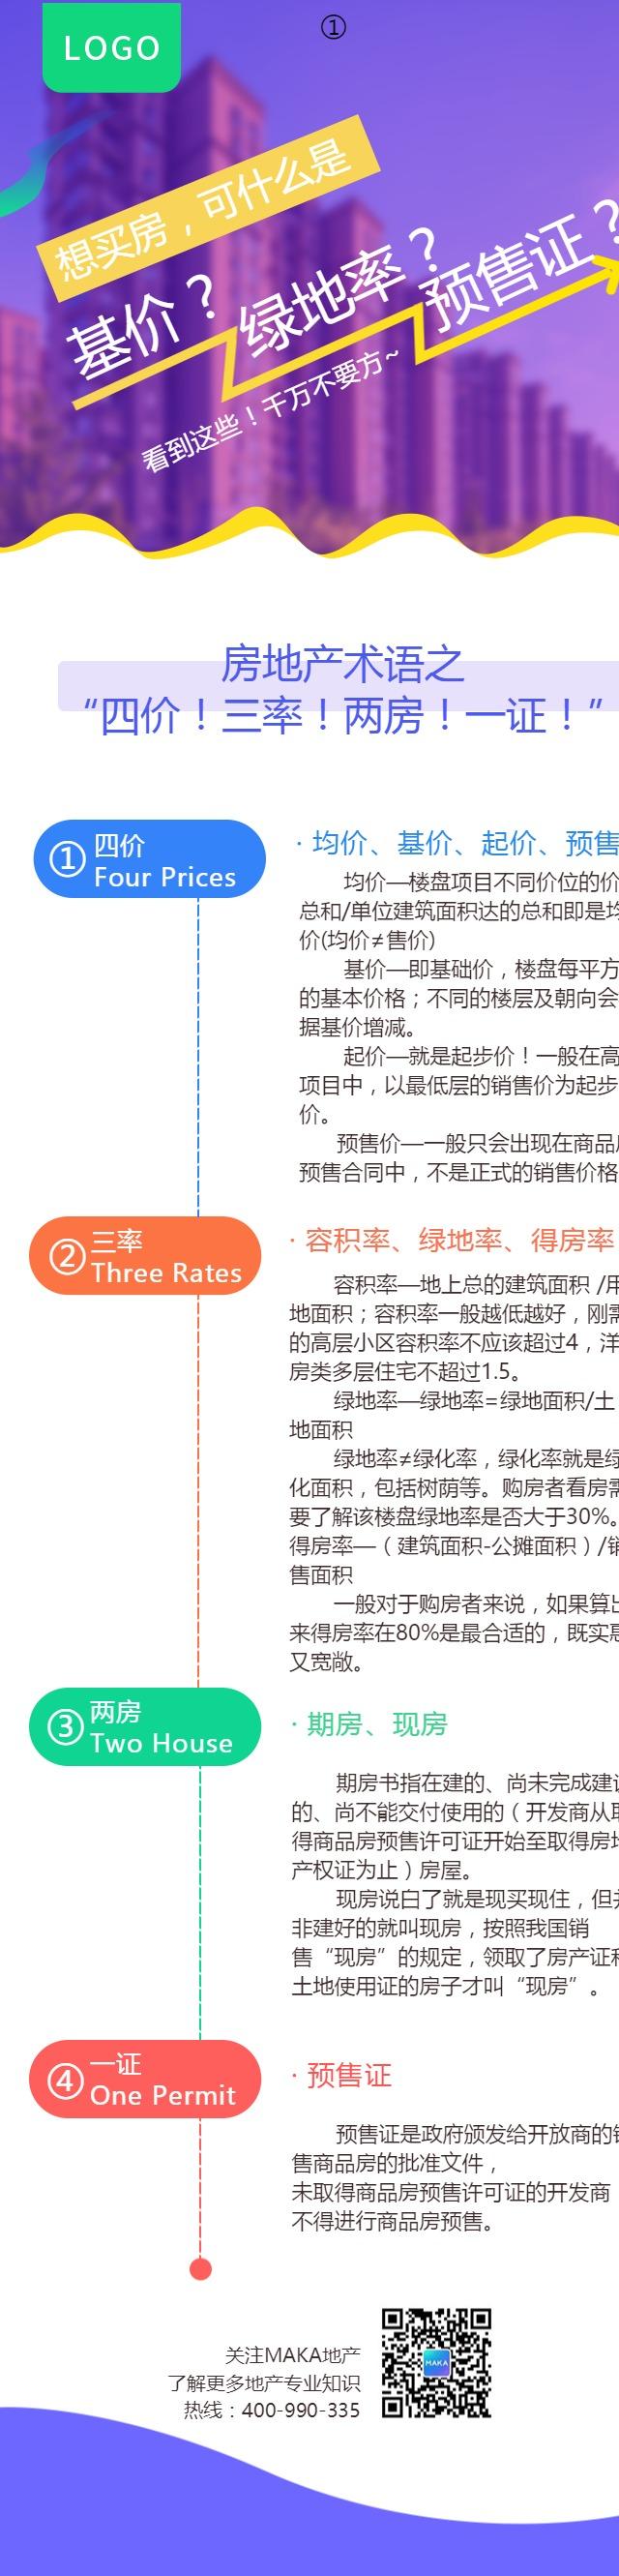 简洁炫彩房地产行业宣传单页